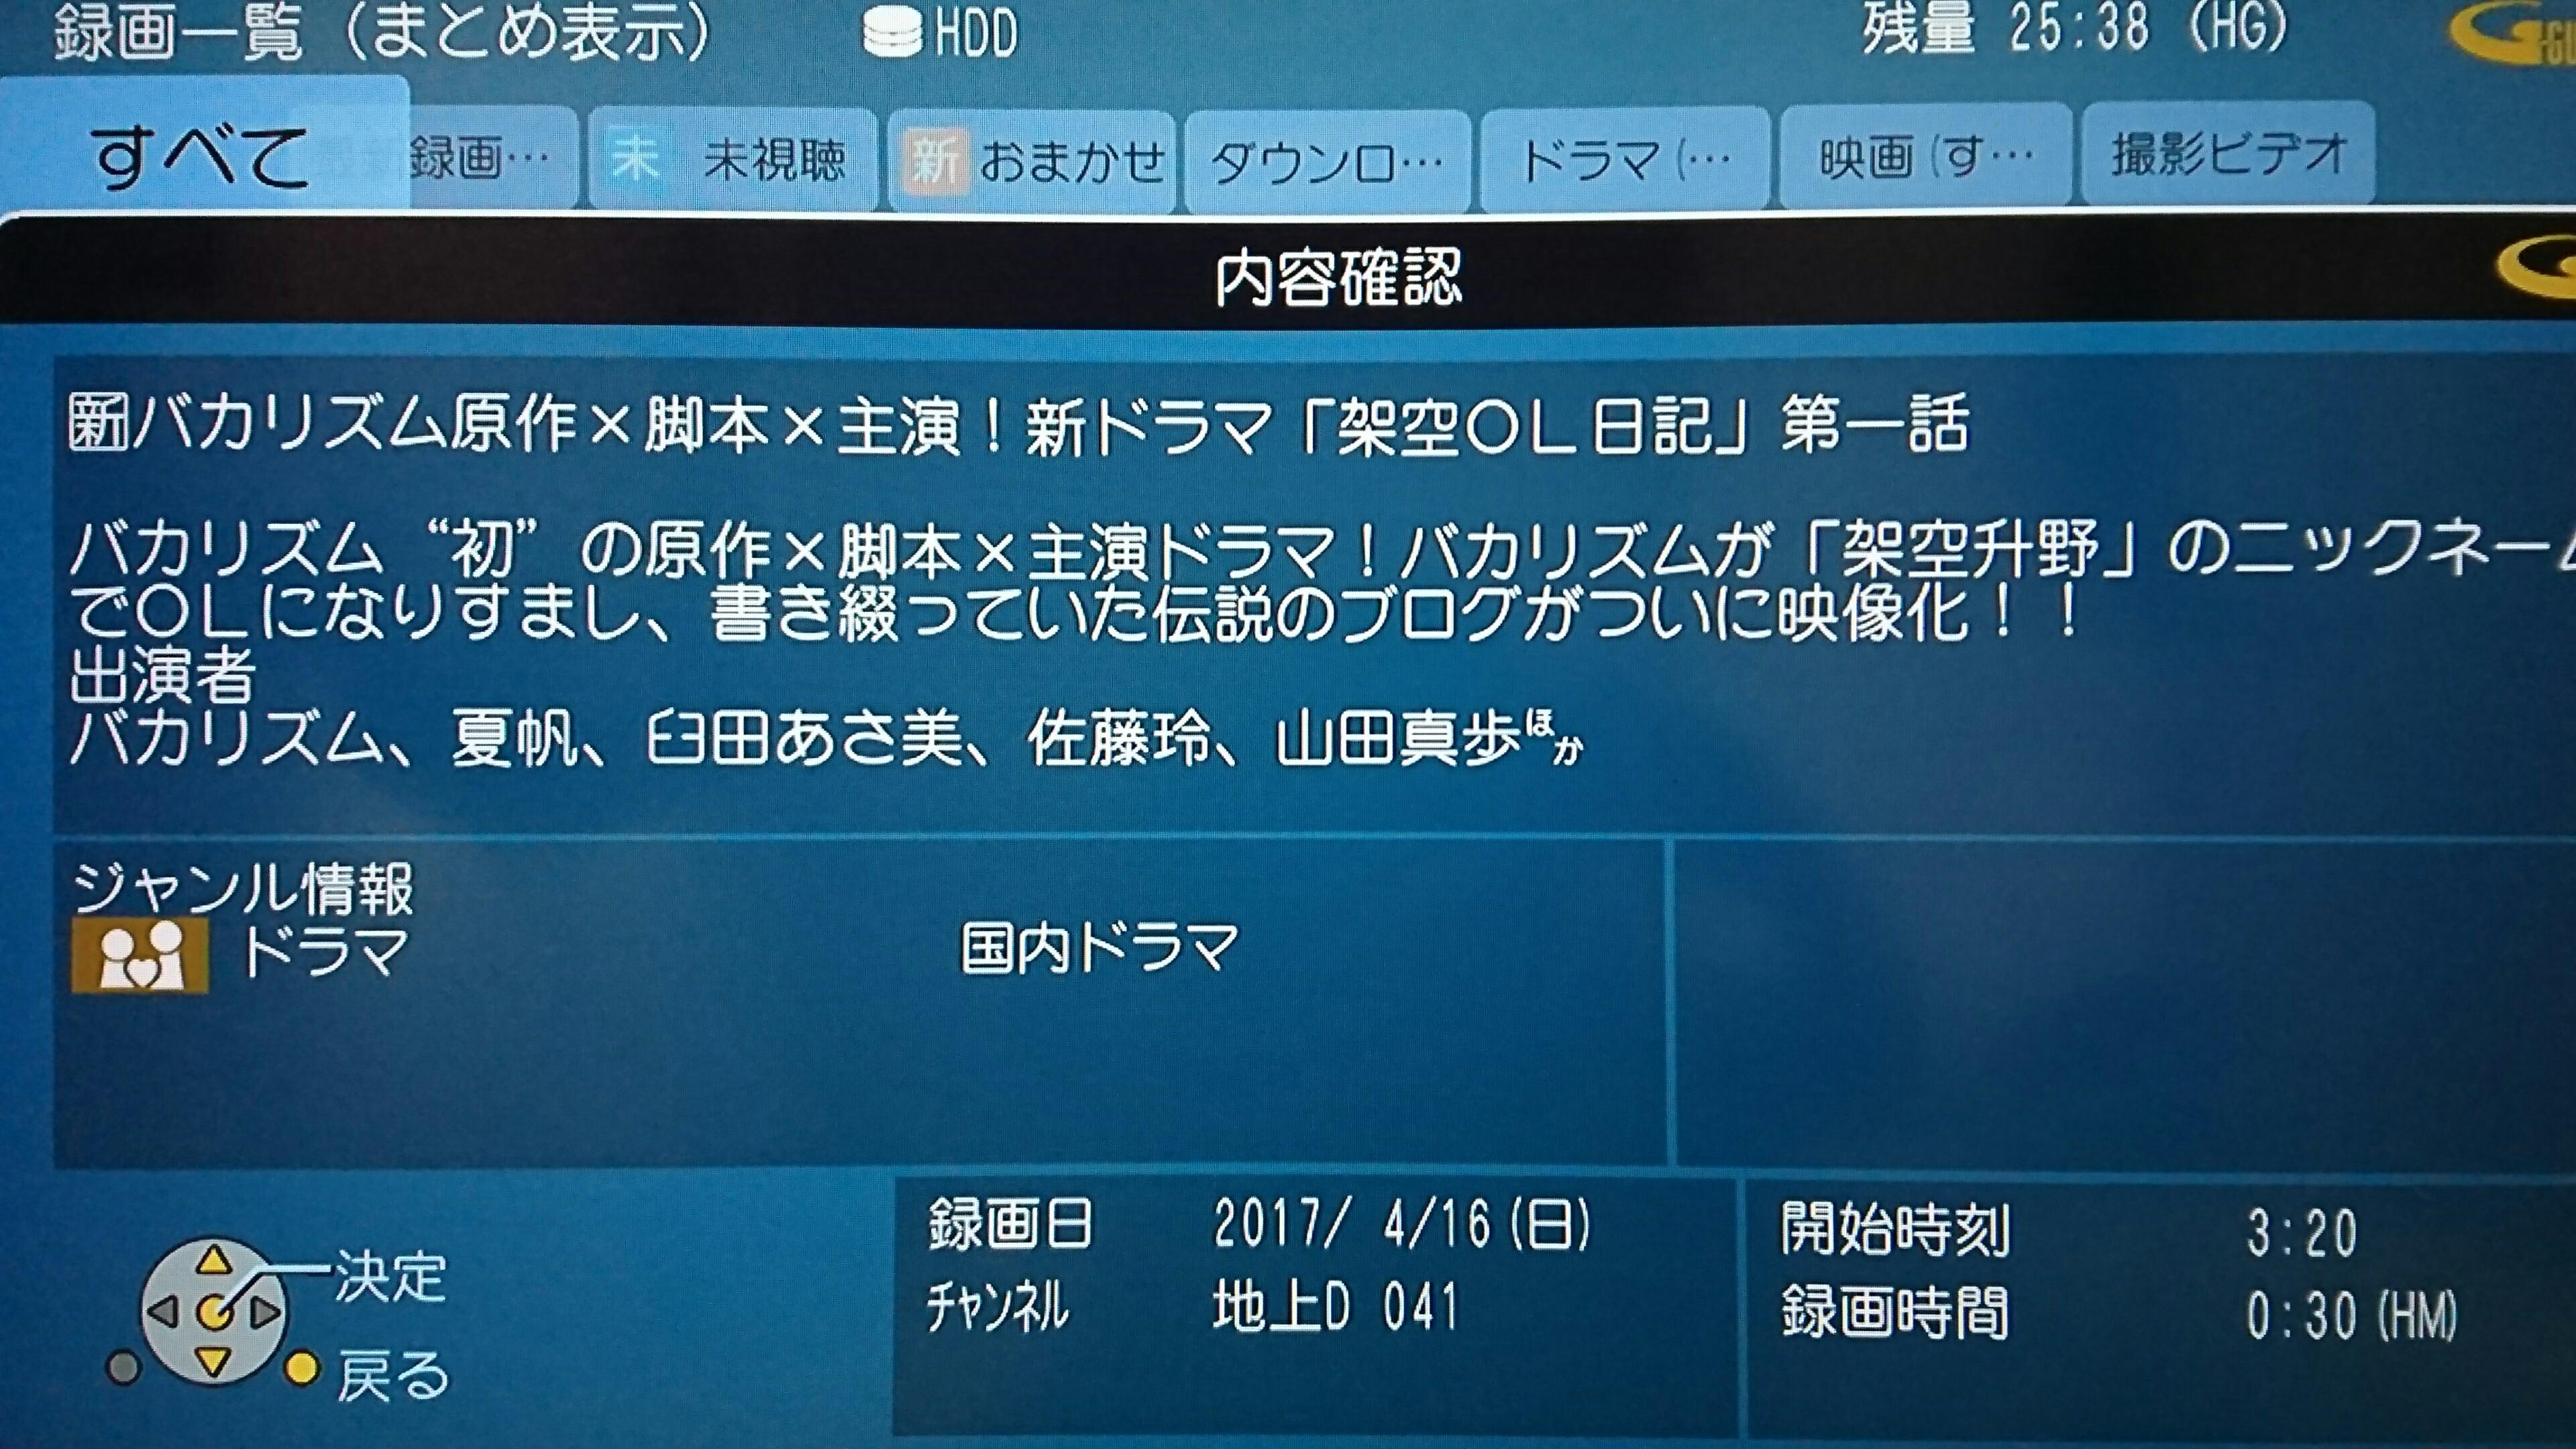 f:id:sunflower-shigeaki:20170421202334j:plain